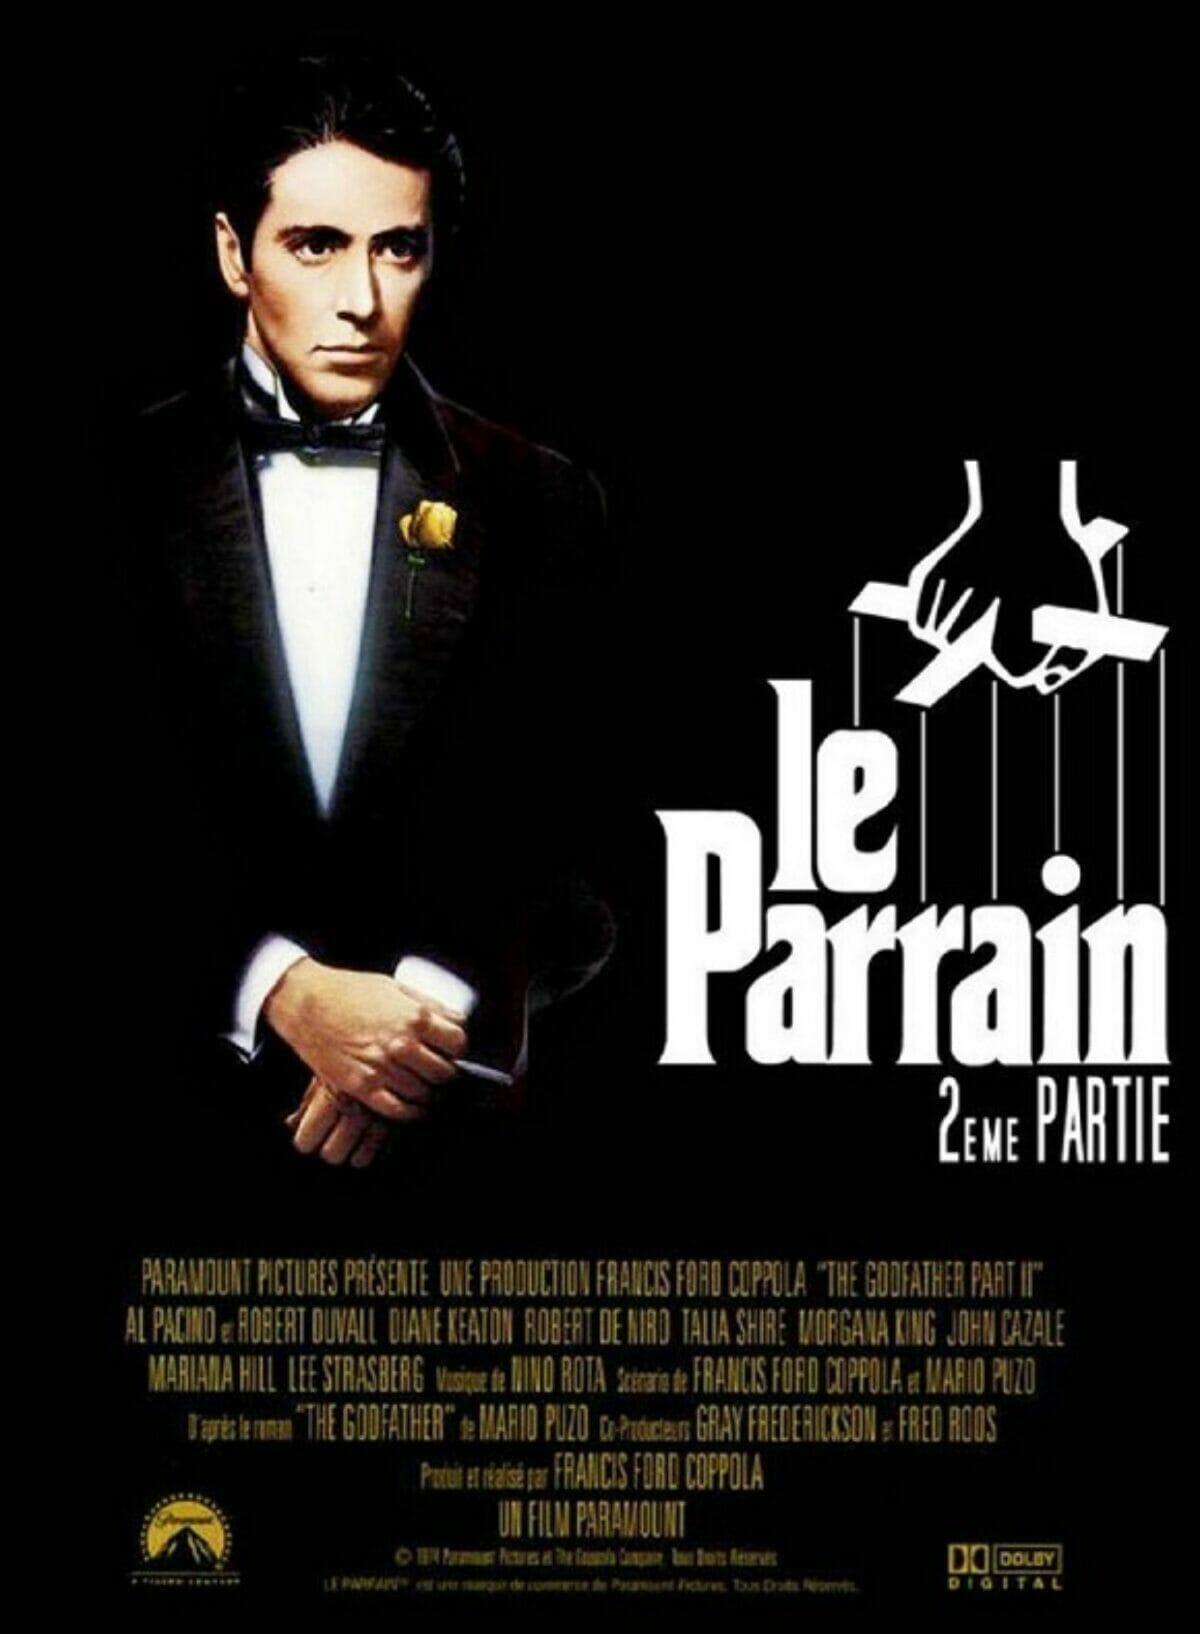 Le_Parrain_2e_Partie